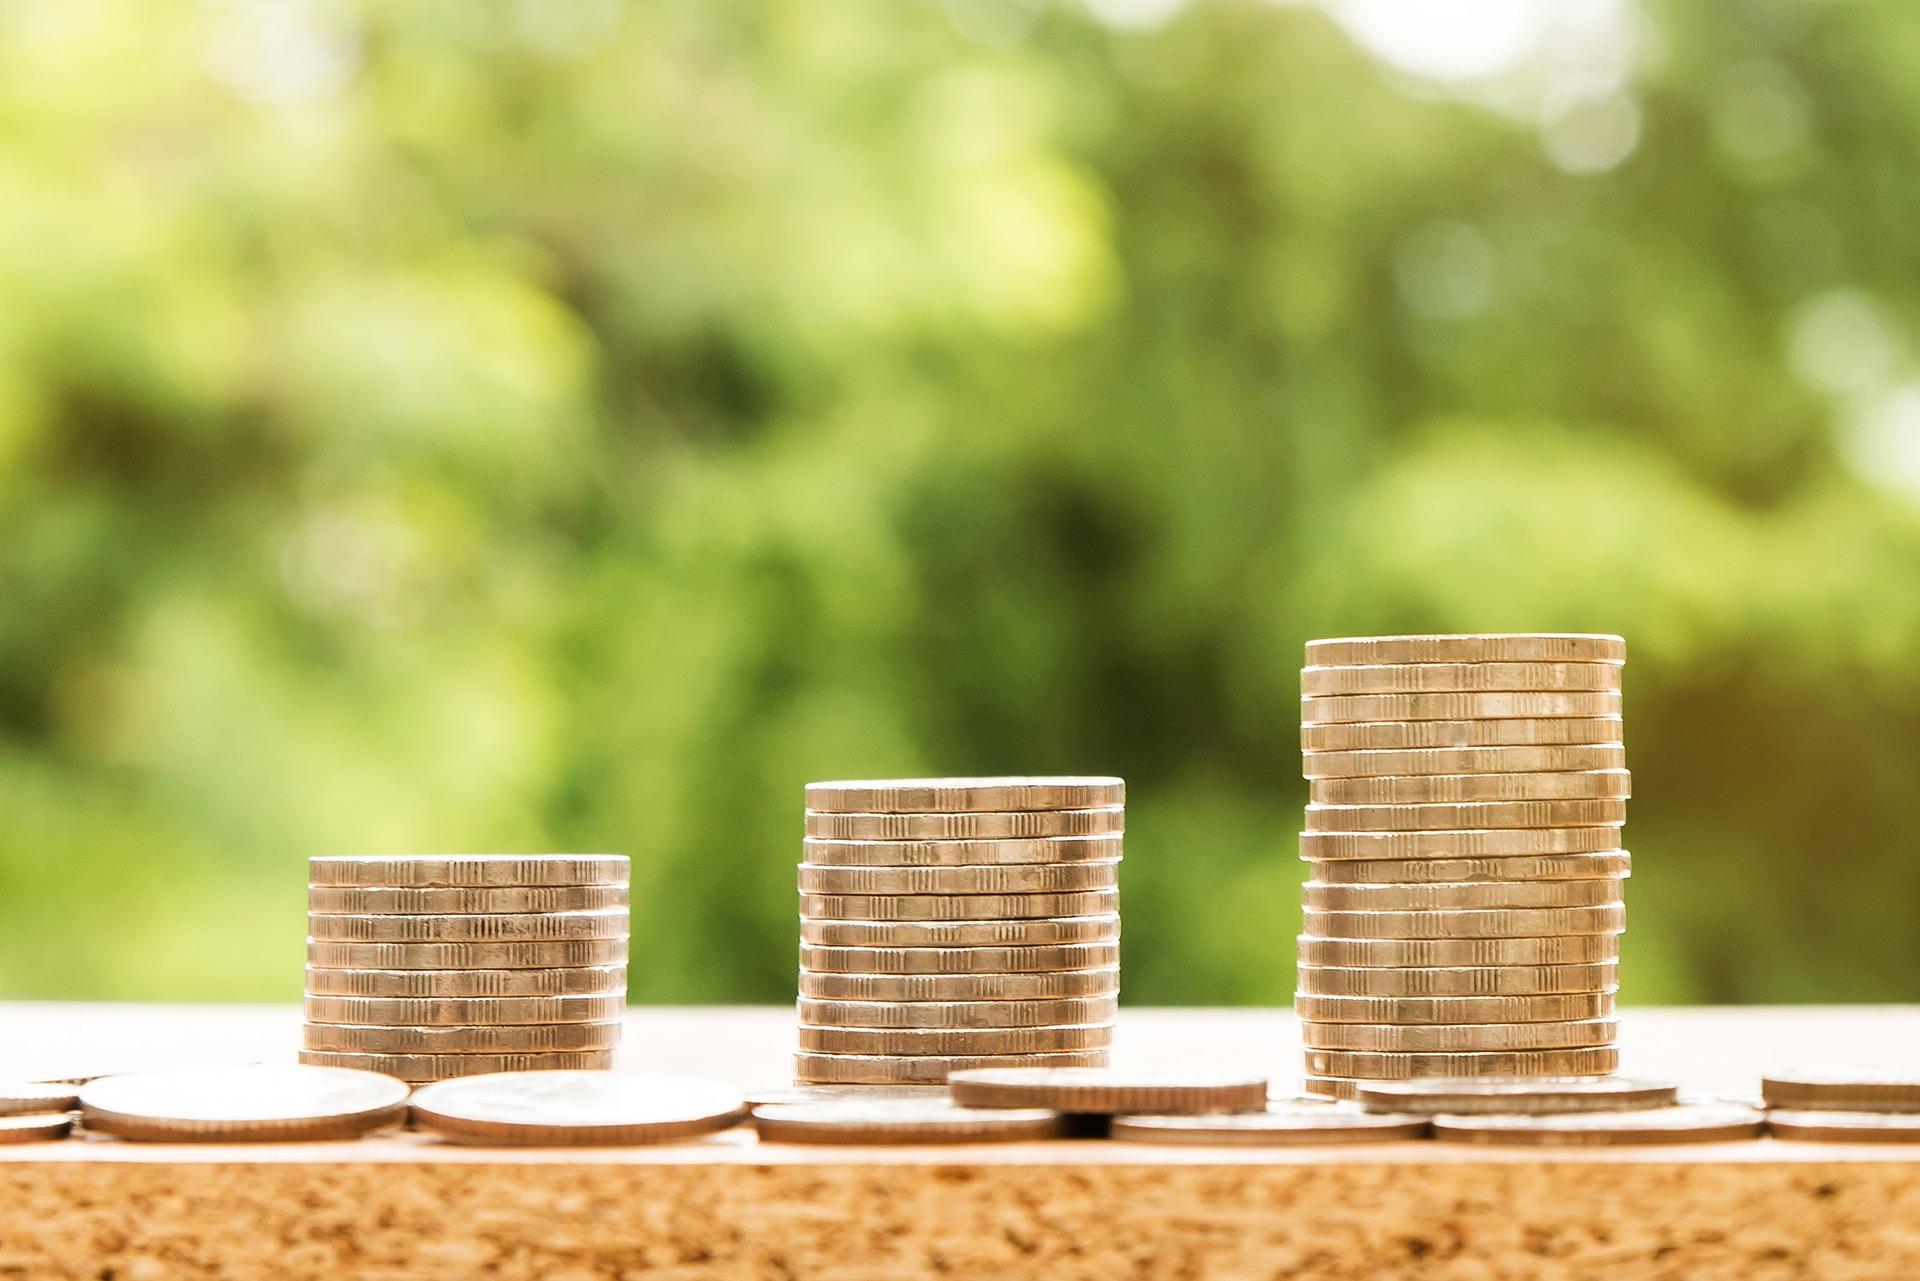 Веревський відсудив у ФГВФО активи «Дельта Банку» на 5 млрд гривень